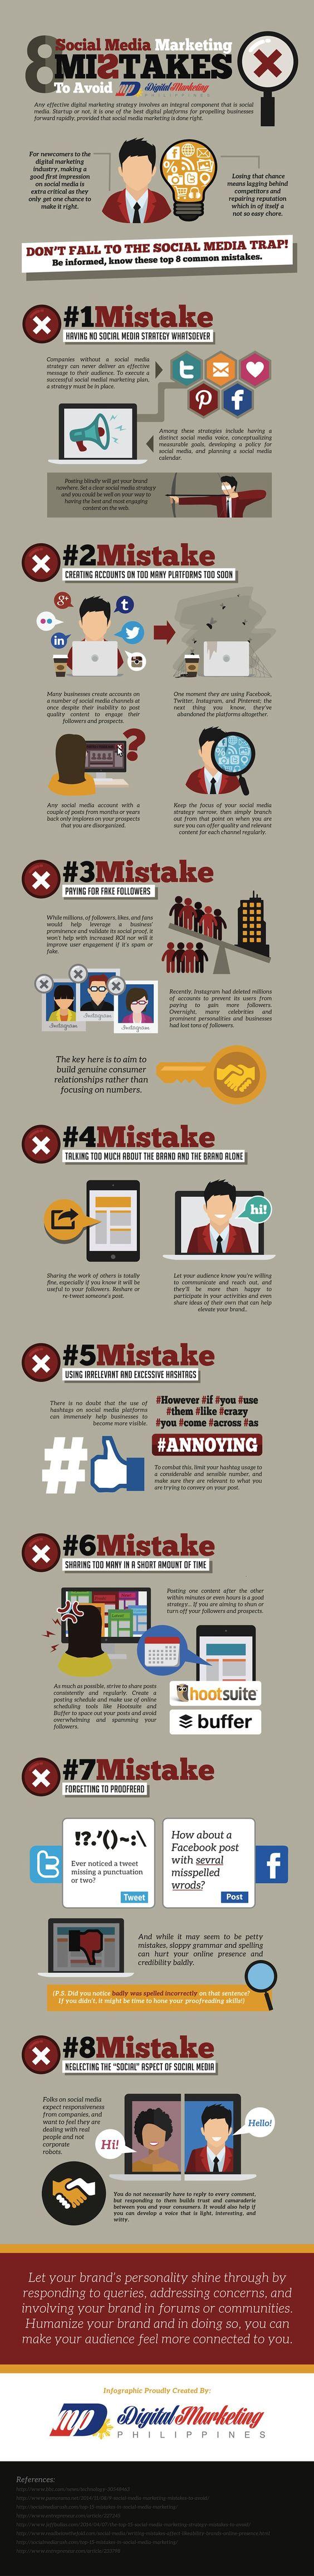 Social Media Marketing Mistakes #socialsuperstars